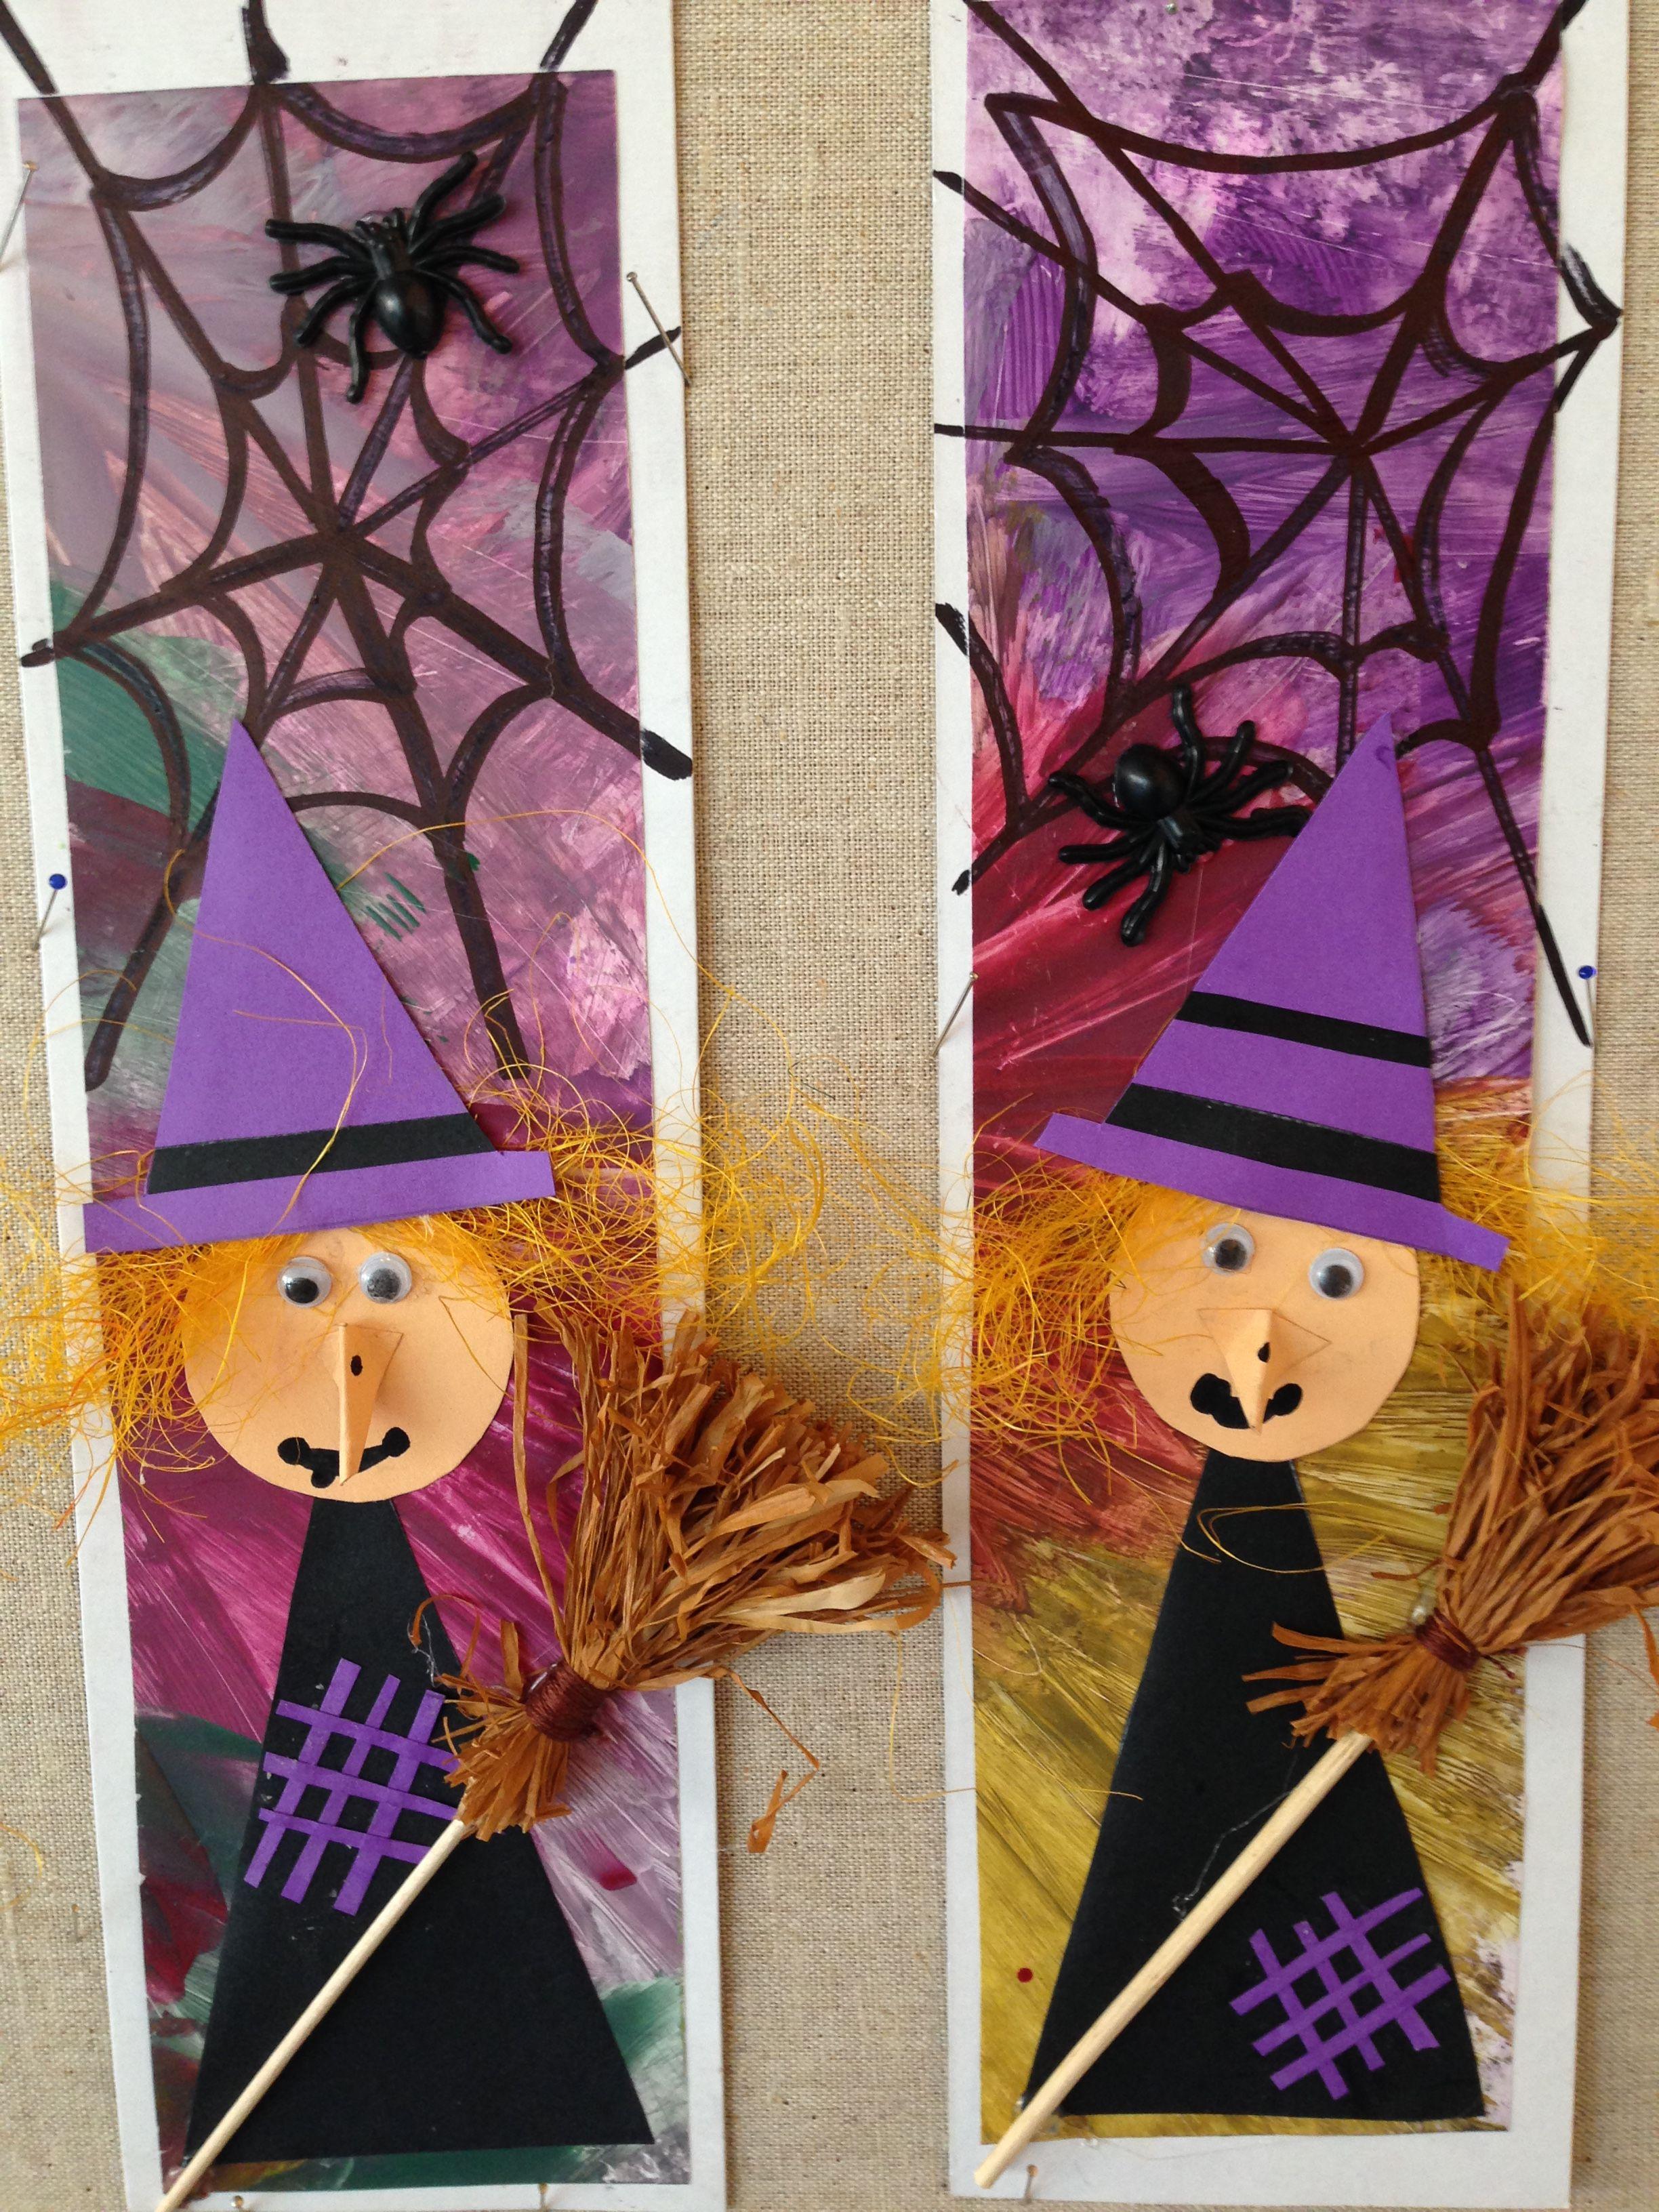 Bastelideen Halloween Kindergarten.Pin Von Jose Harmsen Auf Zrealizovane Prace Halloween Kunst Basteln Halloween Halloween Kinder